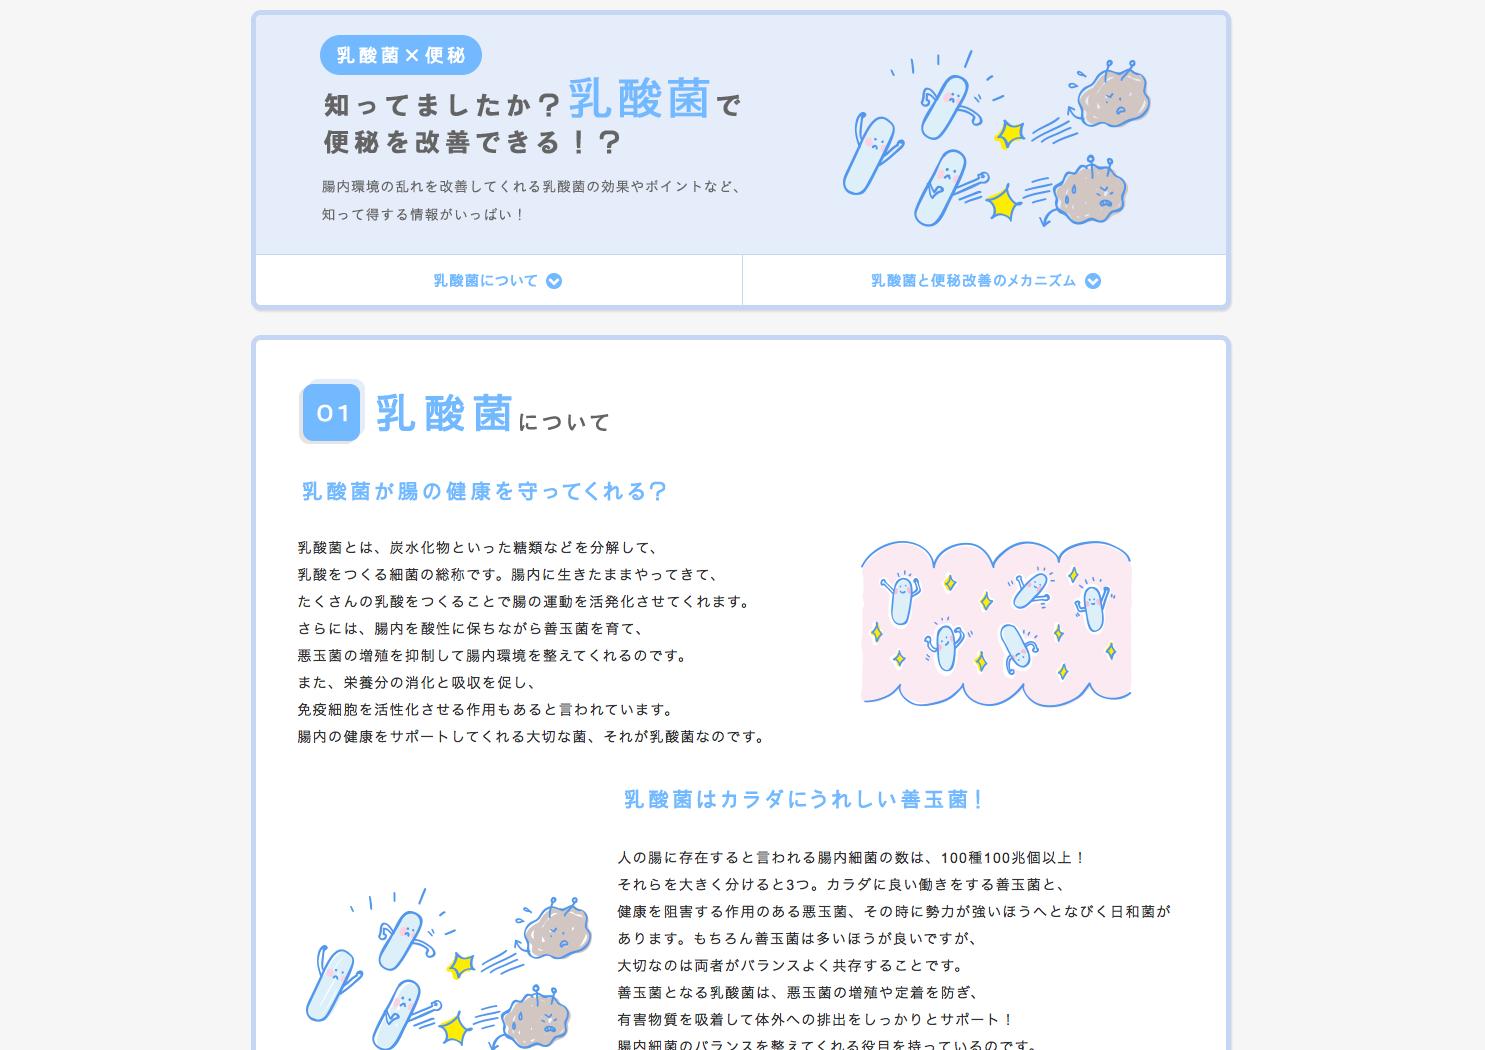 便秘のお悩み解消ガイド Official Website 2014